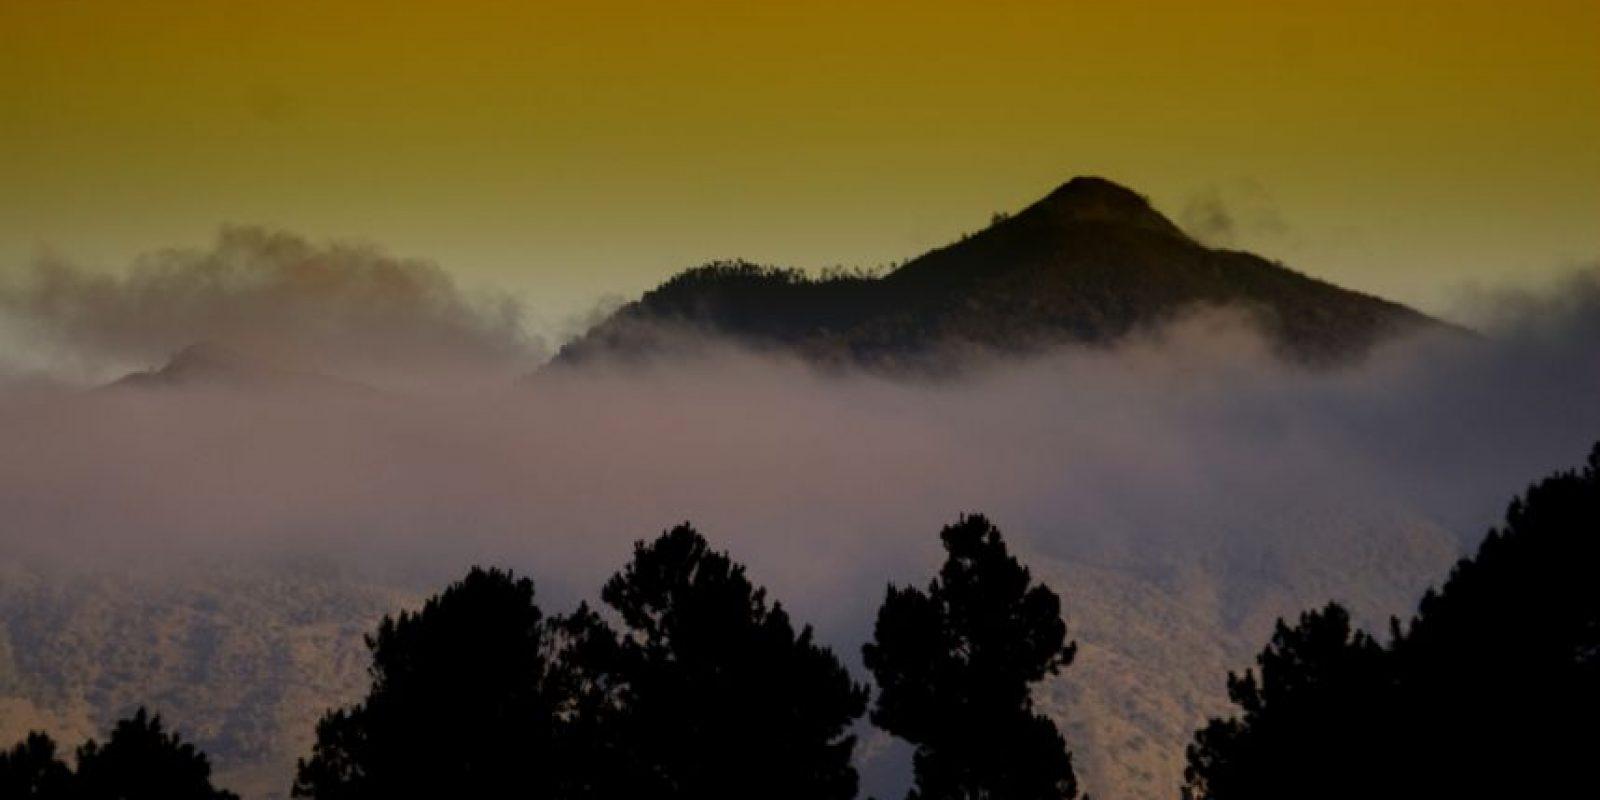 En Valle Nuevo, Constanza puesdes disfrutar de un invierno en el Caribe con temperaturas que podrían llegar hasta los -5 grados celcius Foto:Cluster ecoturistico de constanza